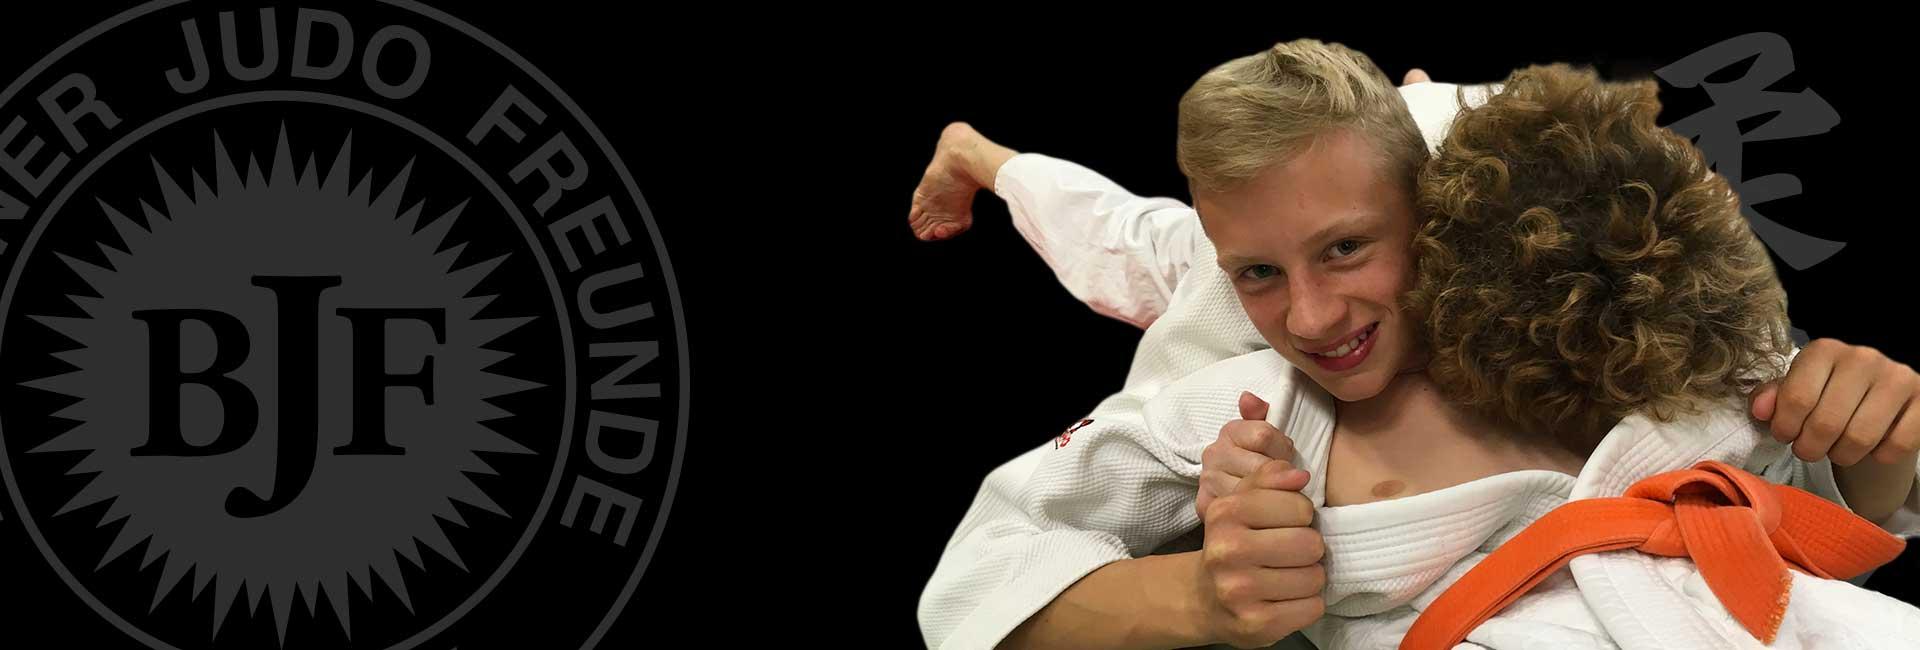 Judo in Berlin - Berliner Judo Freunde e.V. - Homeslider